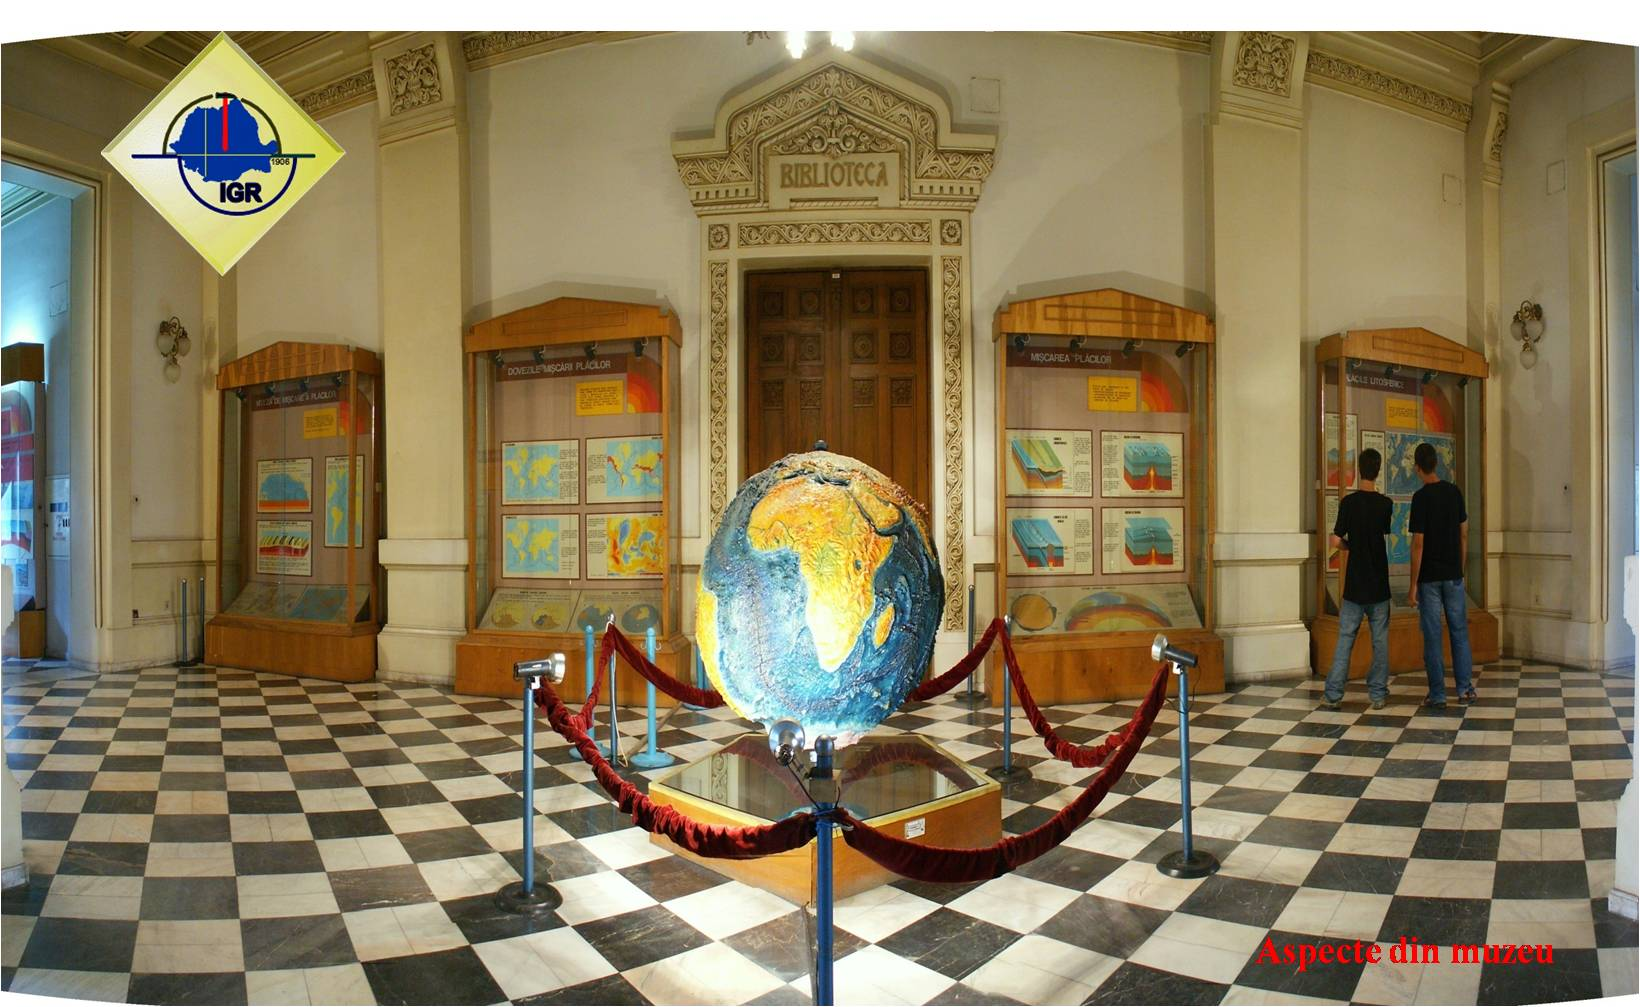 Aventura intr-un muzeu bucurestean